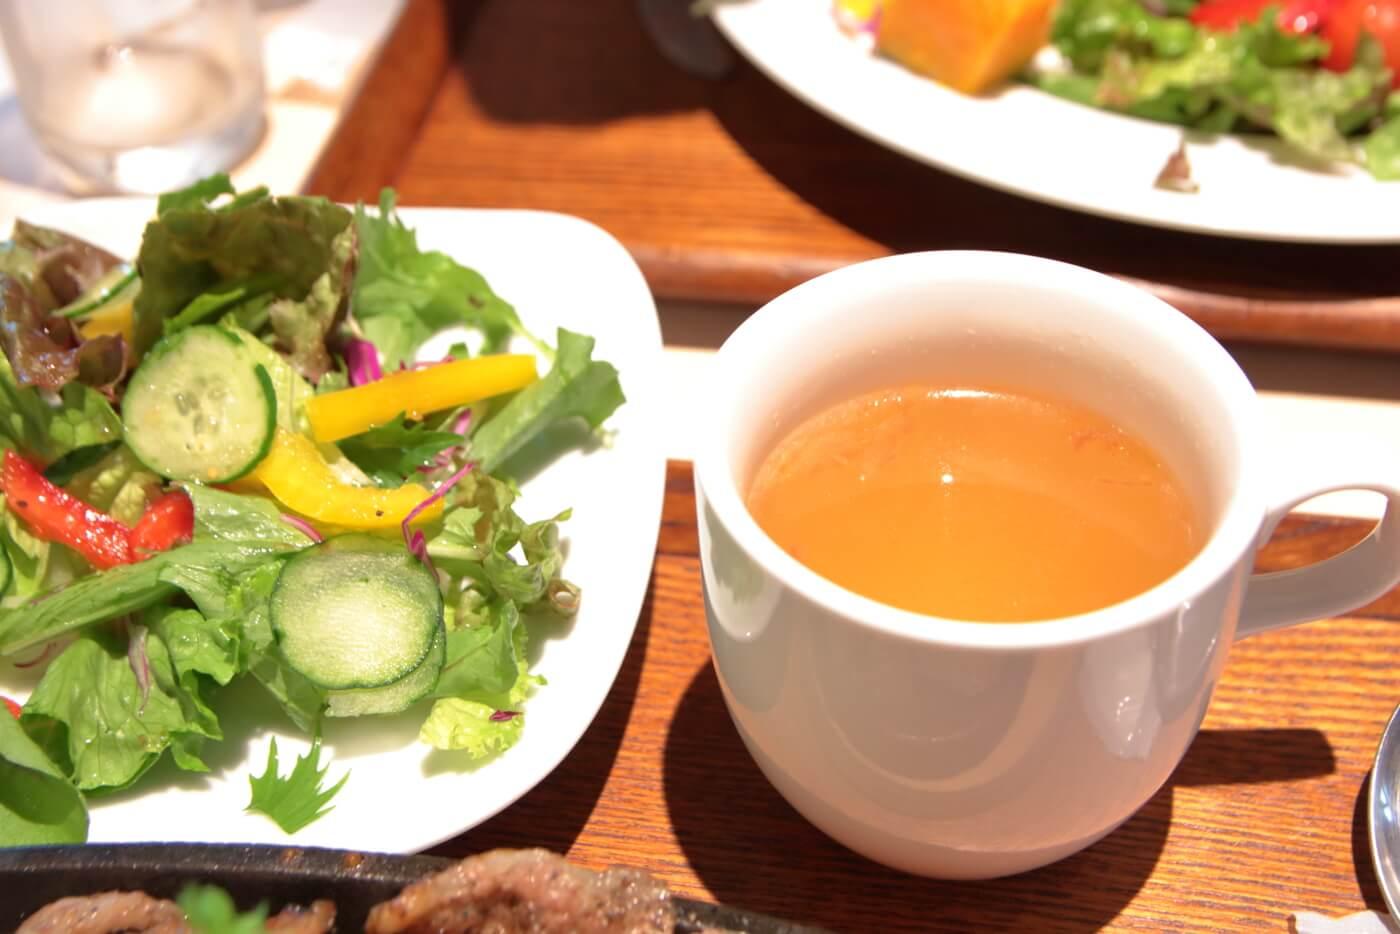 高知蔦屋書店 RAKUDA NIKU BARU JAPAN(ラクダニクバル) 鉄板焼肉ご飯とセットの龍馬ブラックのチキンスープ